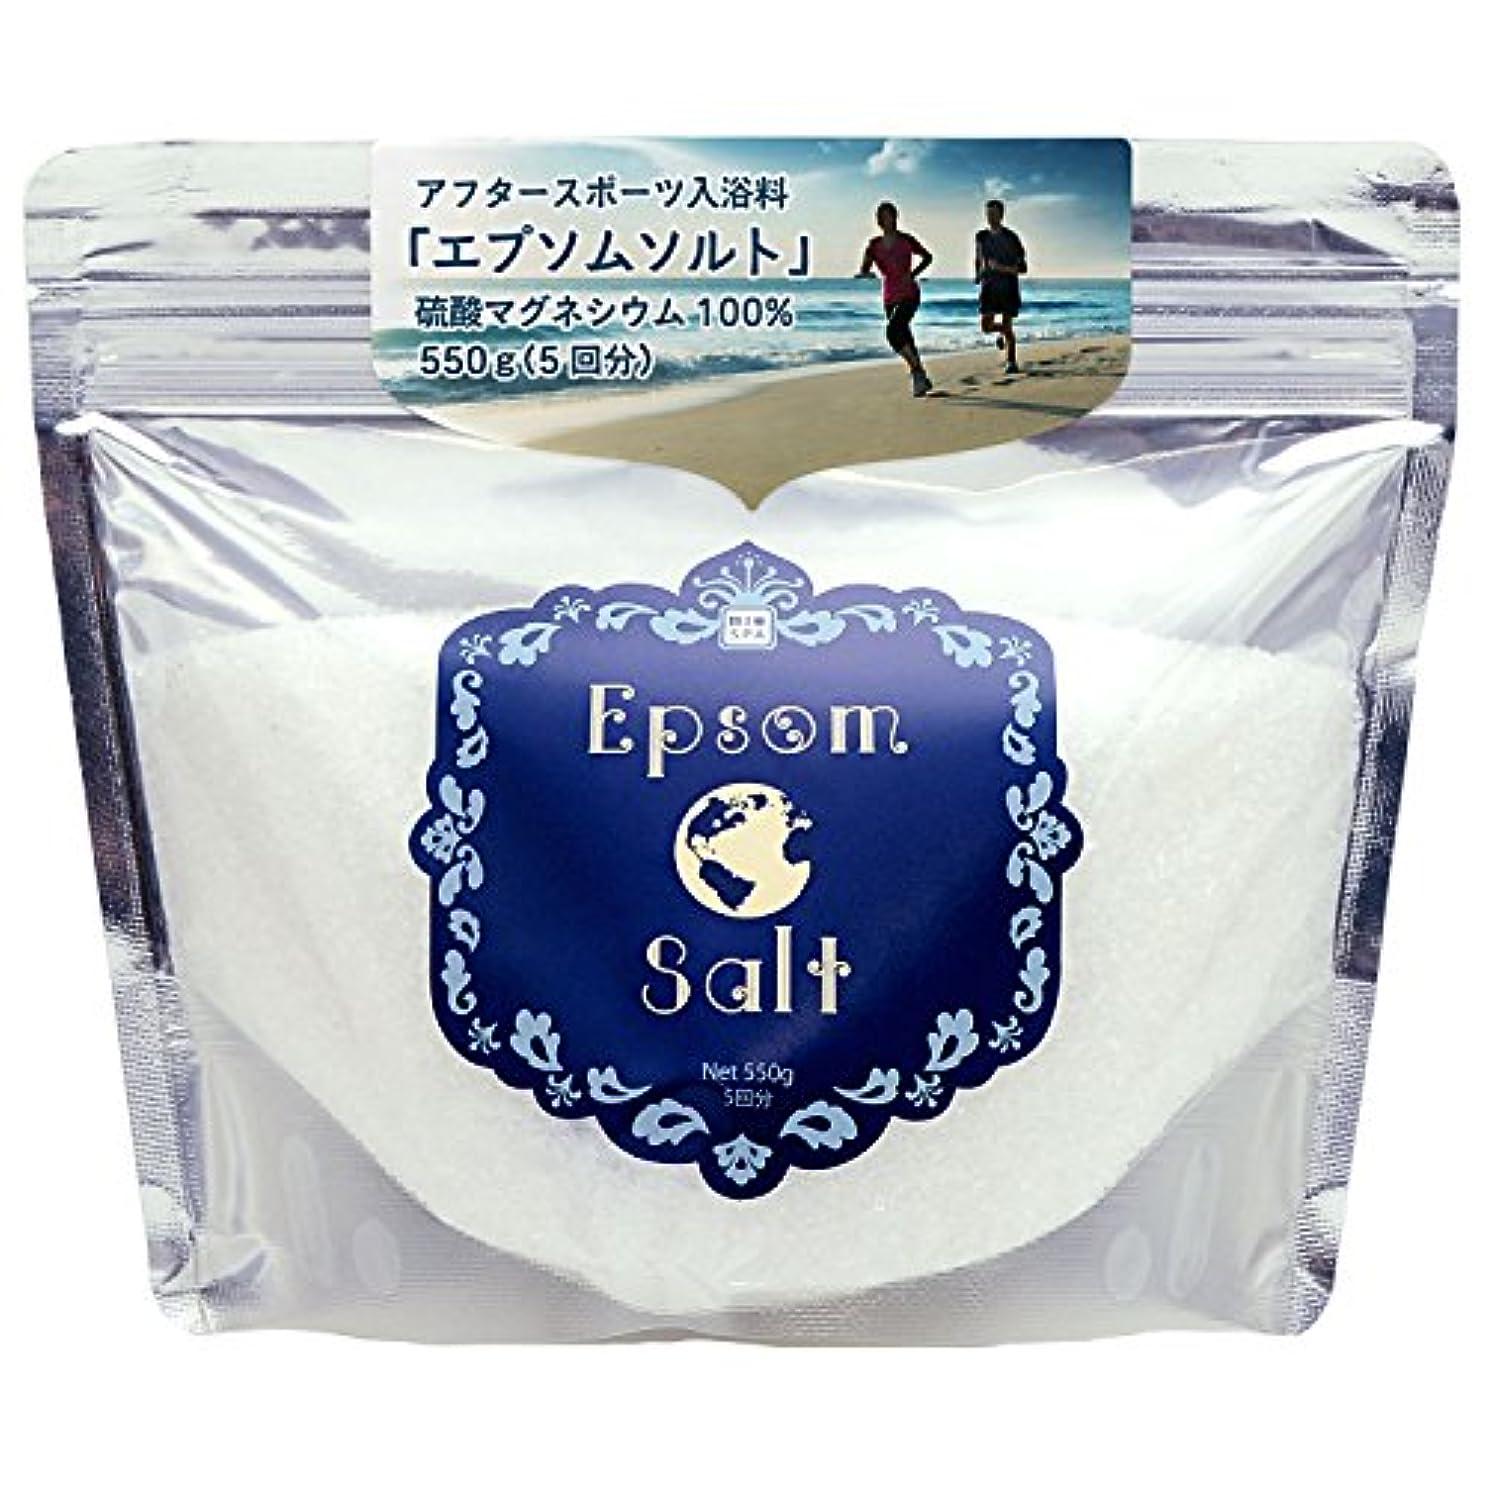 ベルクラフト言い訳BIOSPA(ビオスパ) 入浴剤 エプソムソルト スポーツエディション 550g 約5回分 軽量スプーン付 EBS402